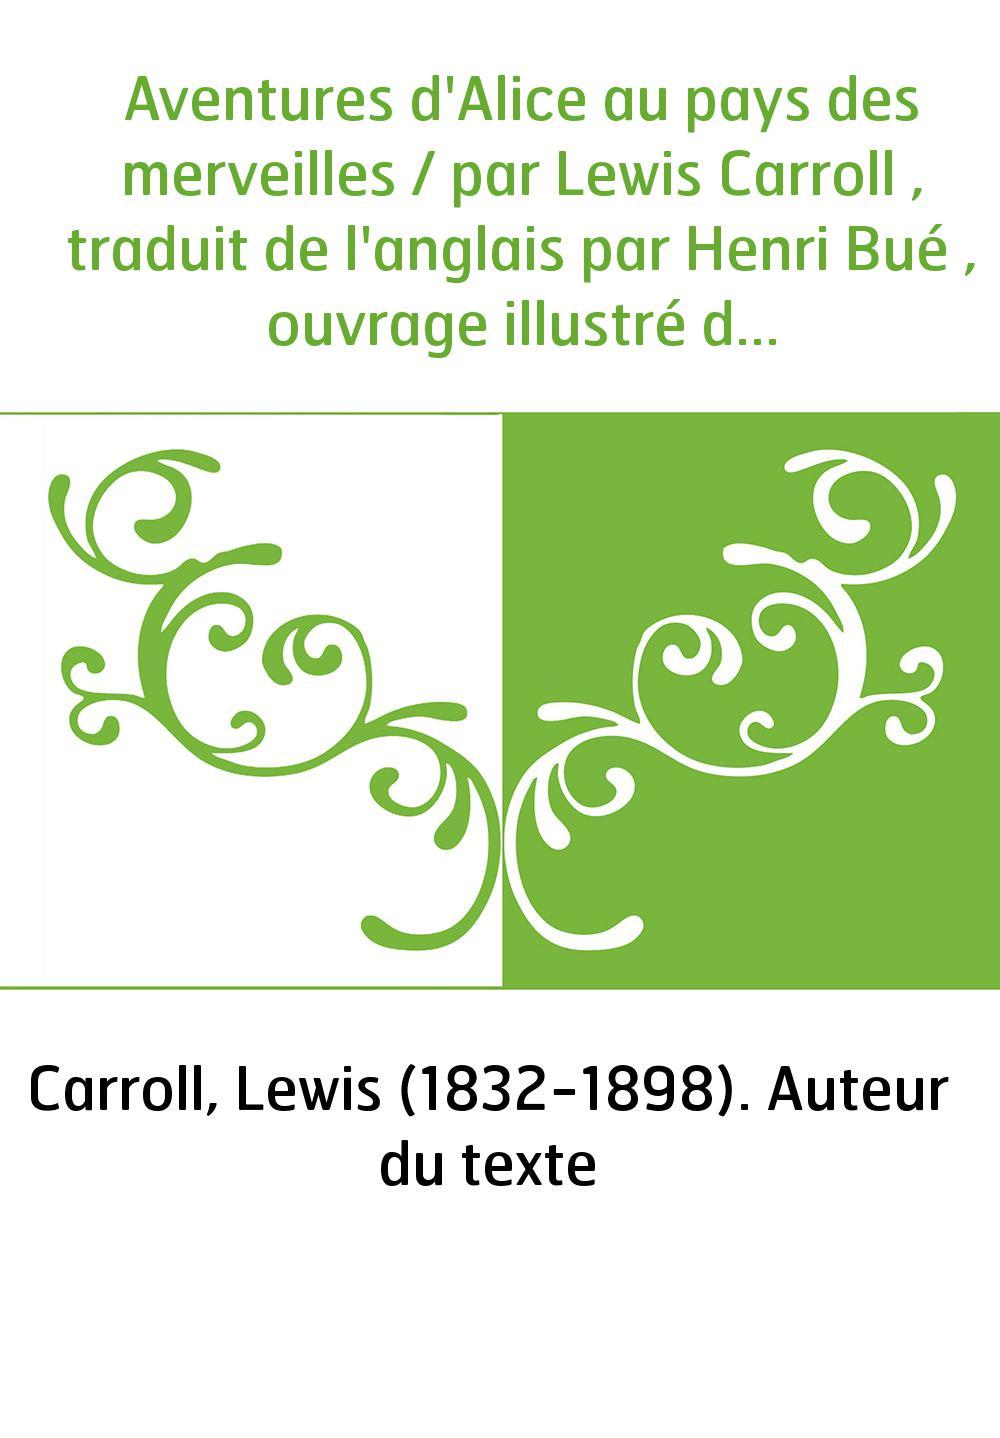 Aventures d'Alice au pays des merveilles / par Lewis Carroll , traduit de l'anglais par Henri Bué , ouvrage illustré de 42 vigne